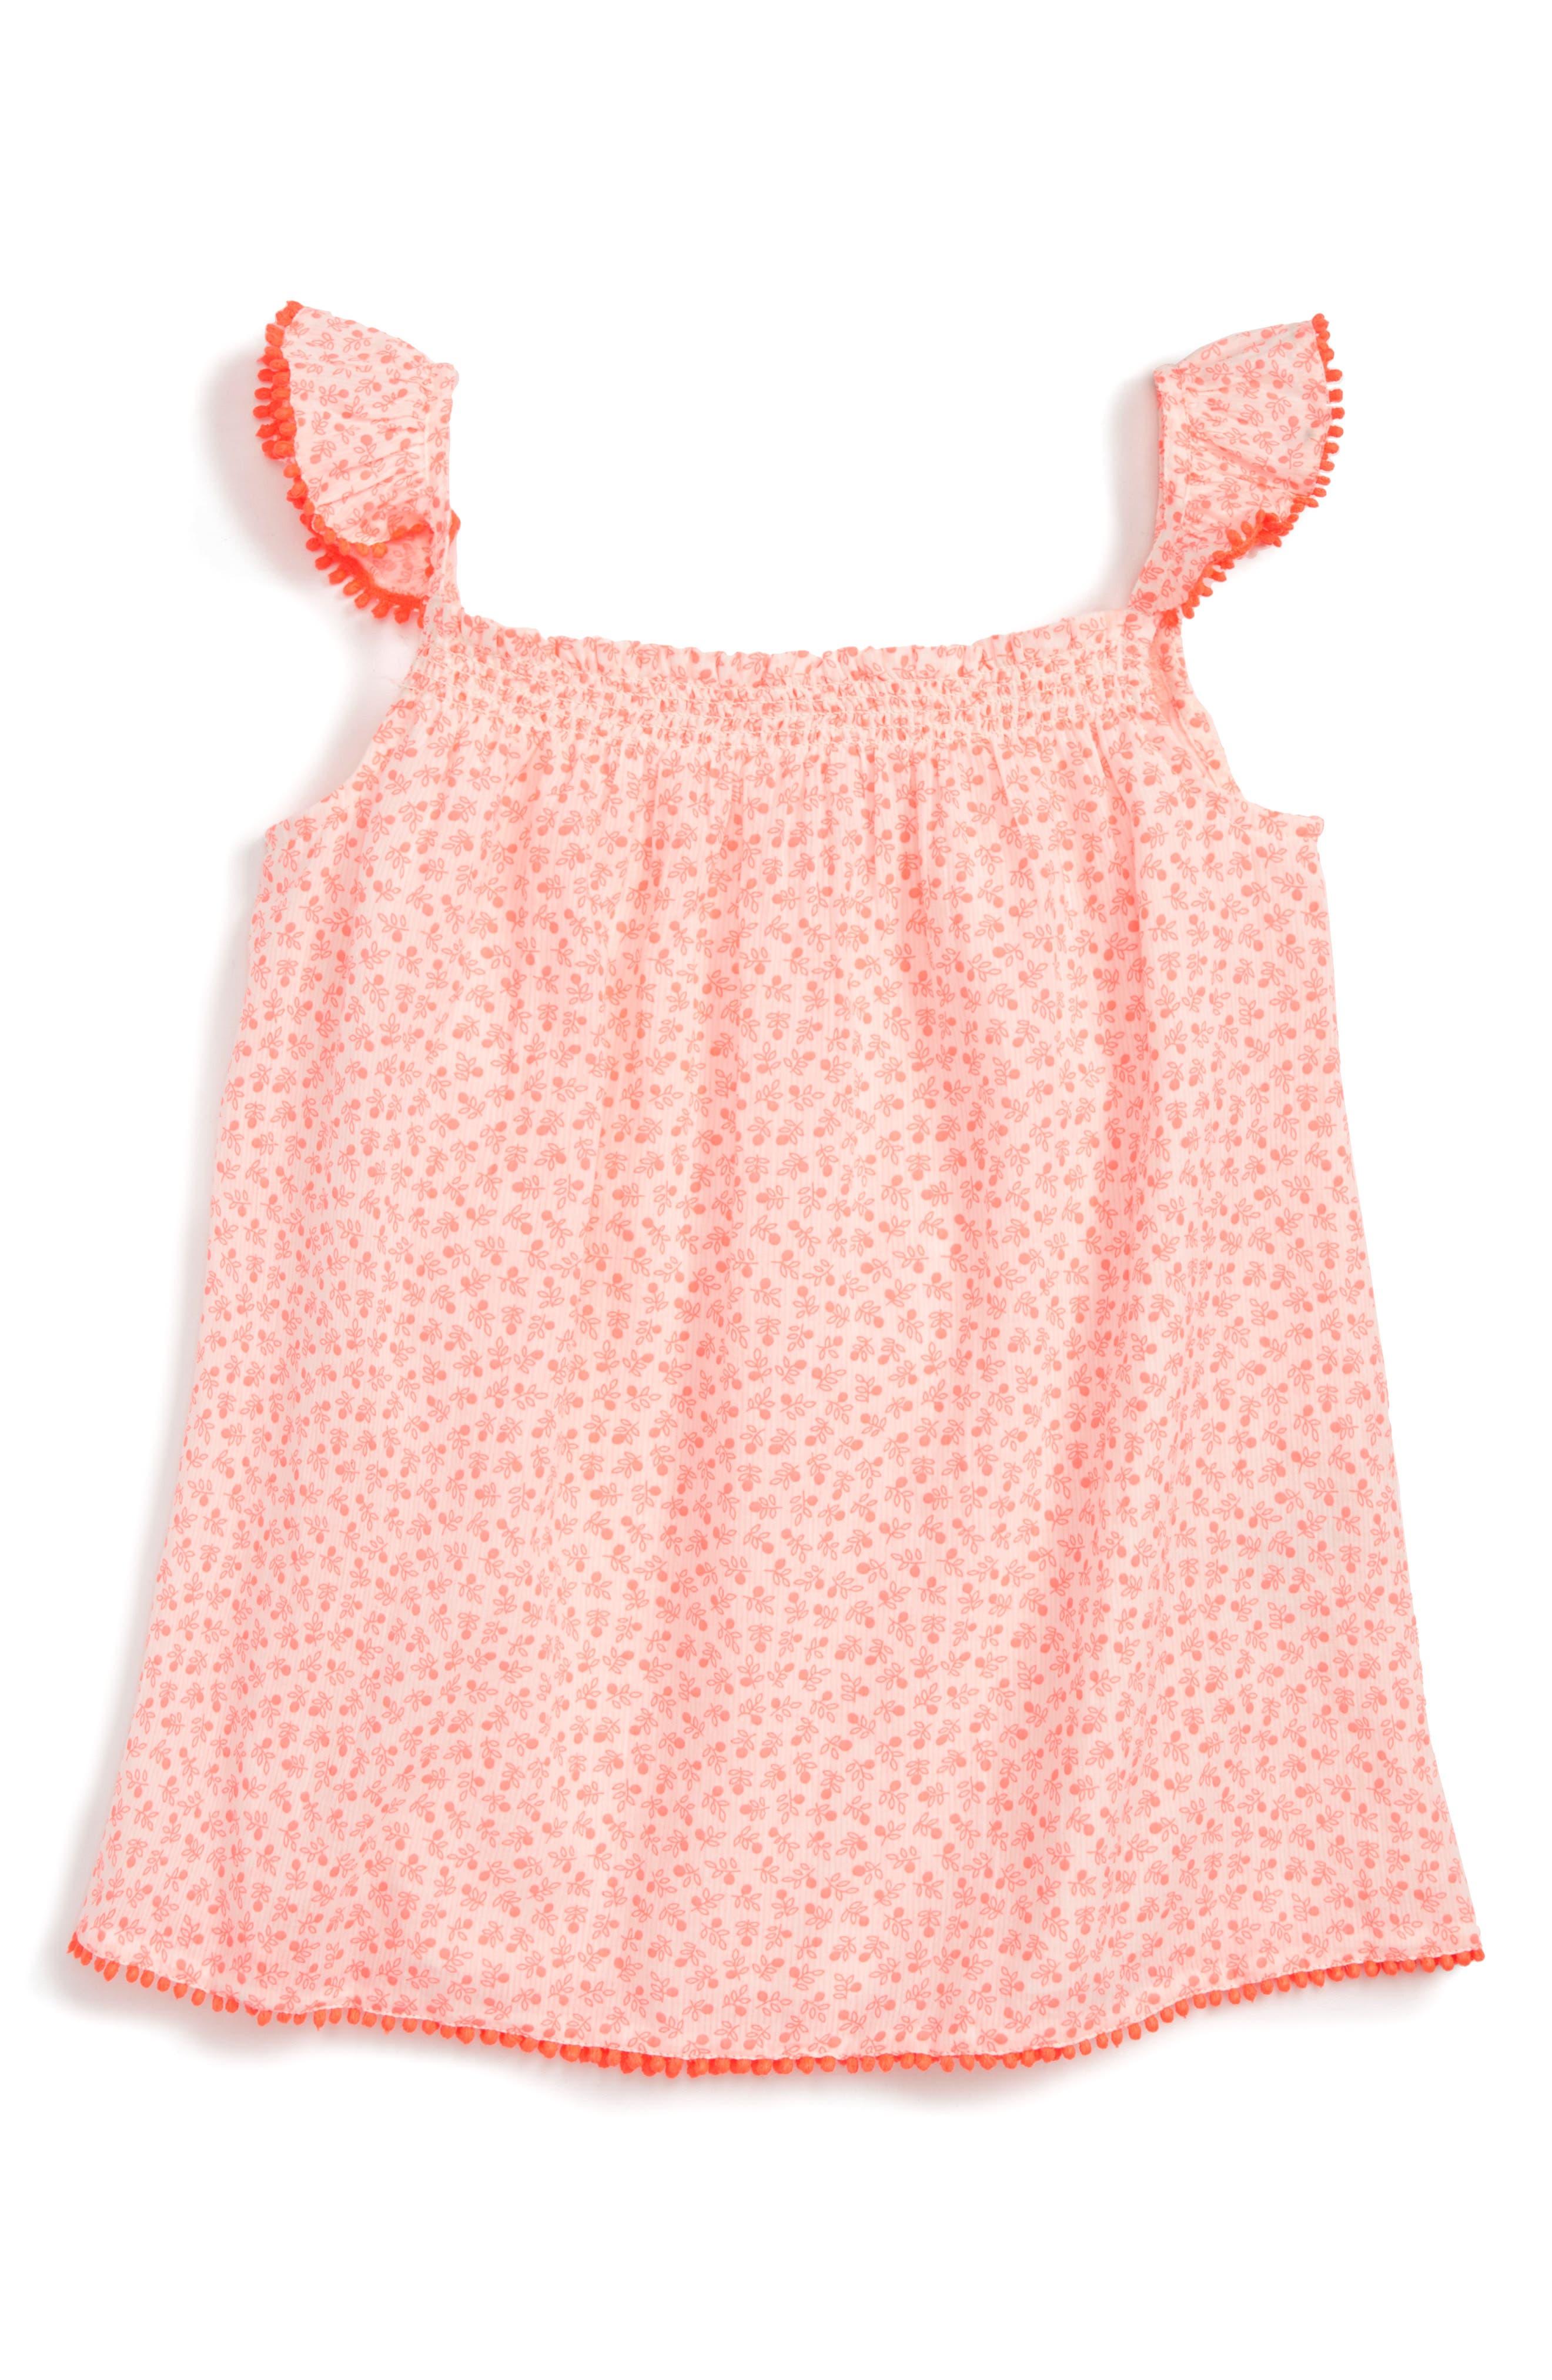 Mini Boden Smocked Top (Toddler Girls, Little Girls & Big Girls)